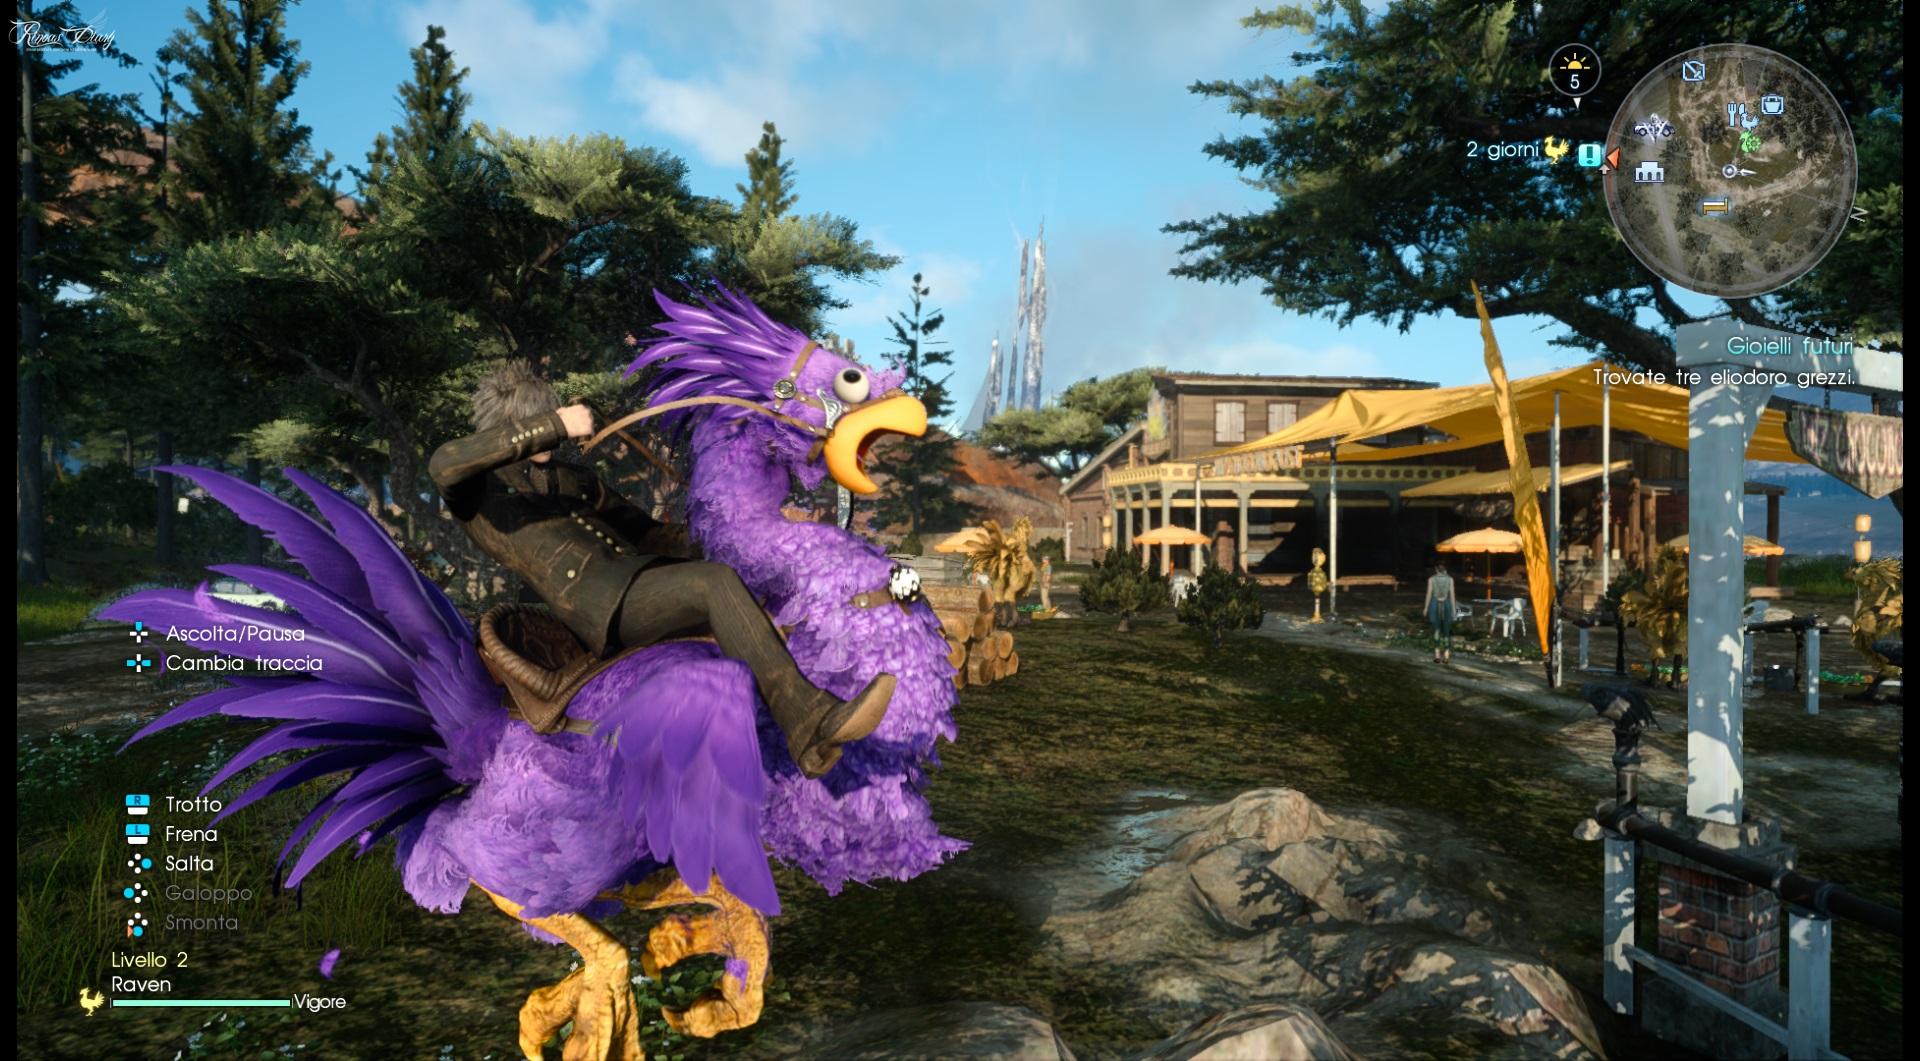 Kooky Chocobo: una nuova mount in Final Fantasy XV per gli utenti Twitch Prime!